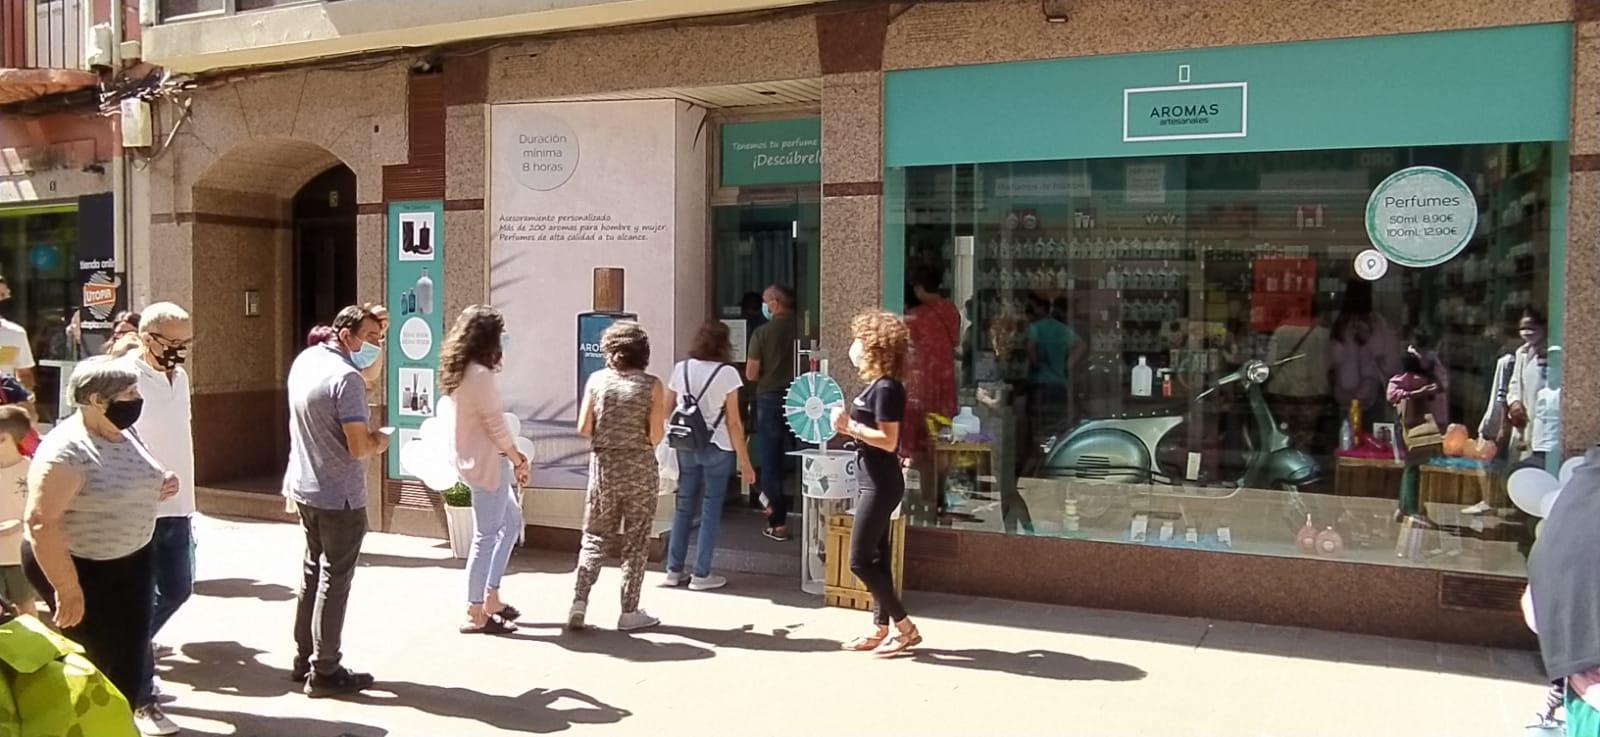 Aromas Artesanales llega al centro de Ponferrada con sus fragancias únicas y sofisticadas 1